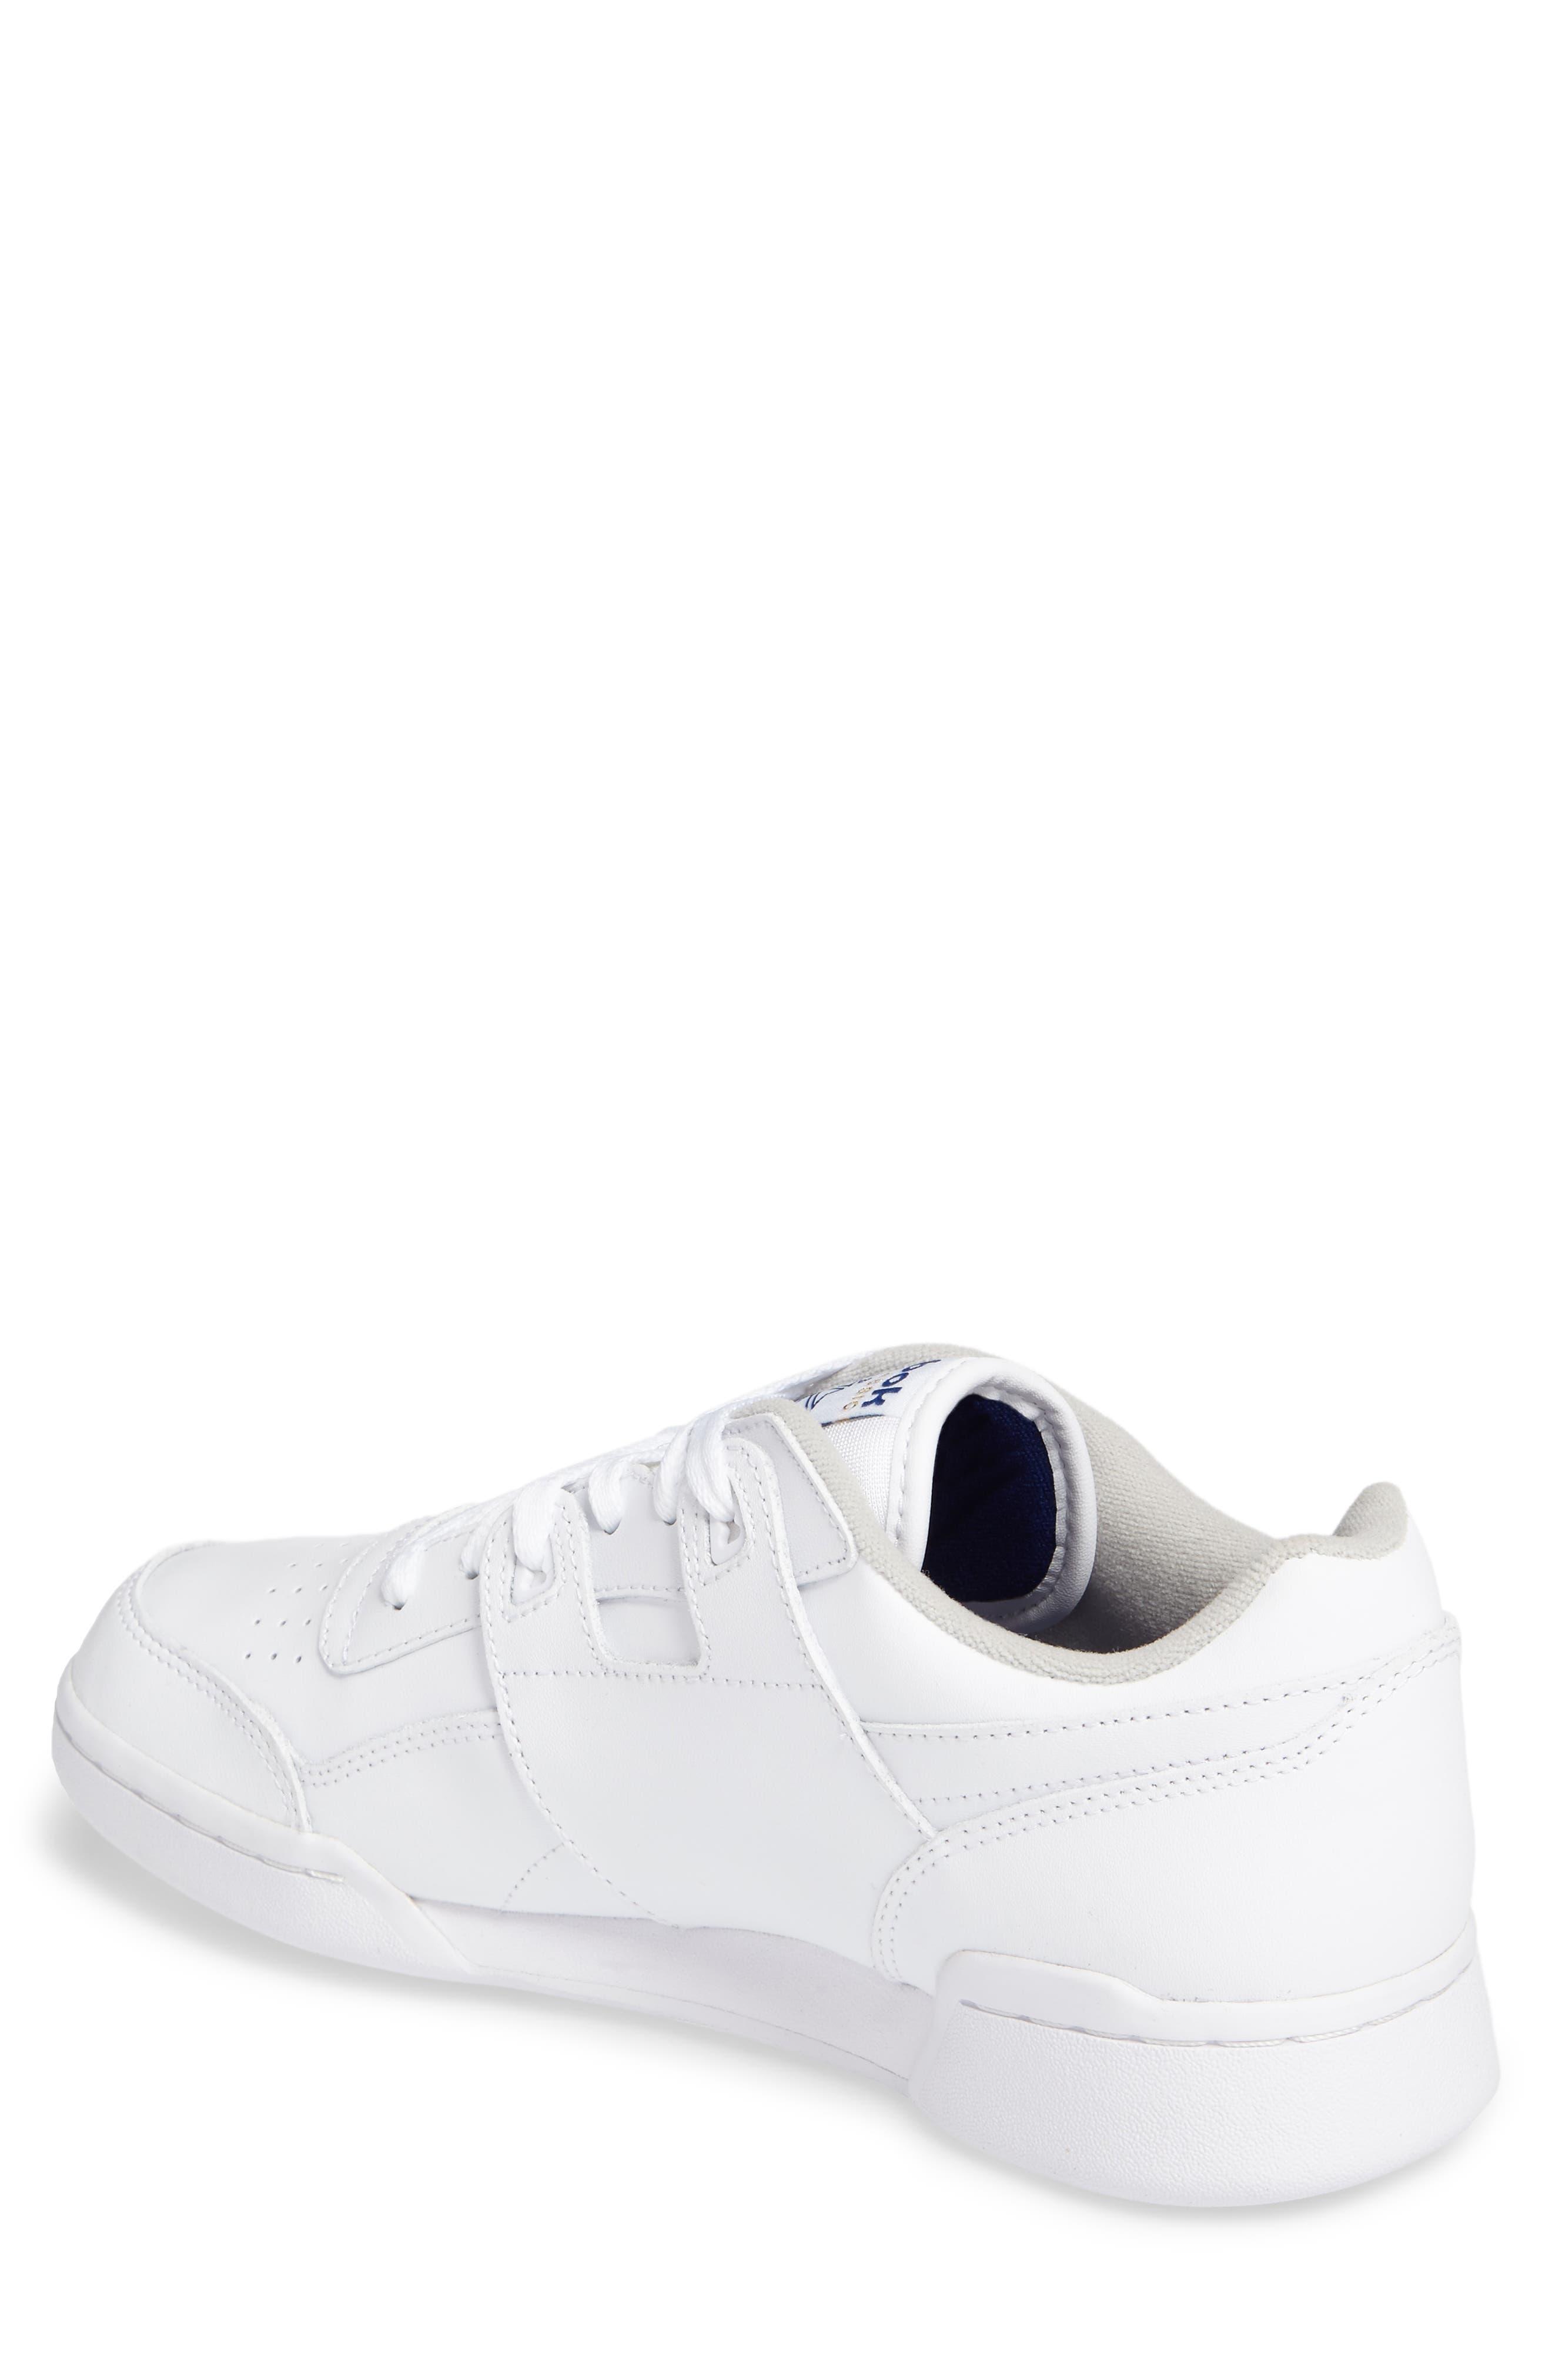 Workout Plus Sneaker,                             Alternate thumbnail 2, color,                             WHITE/ ROYAL